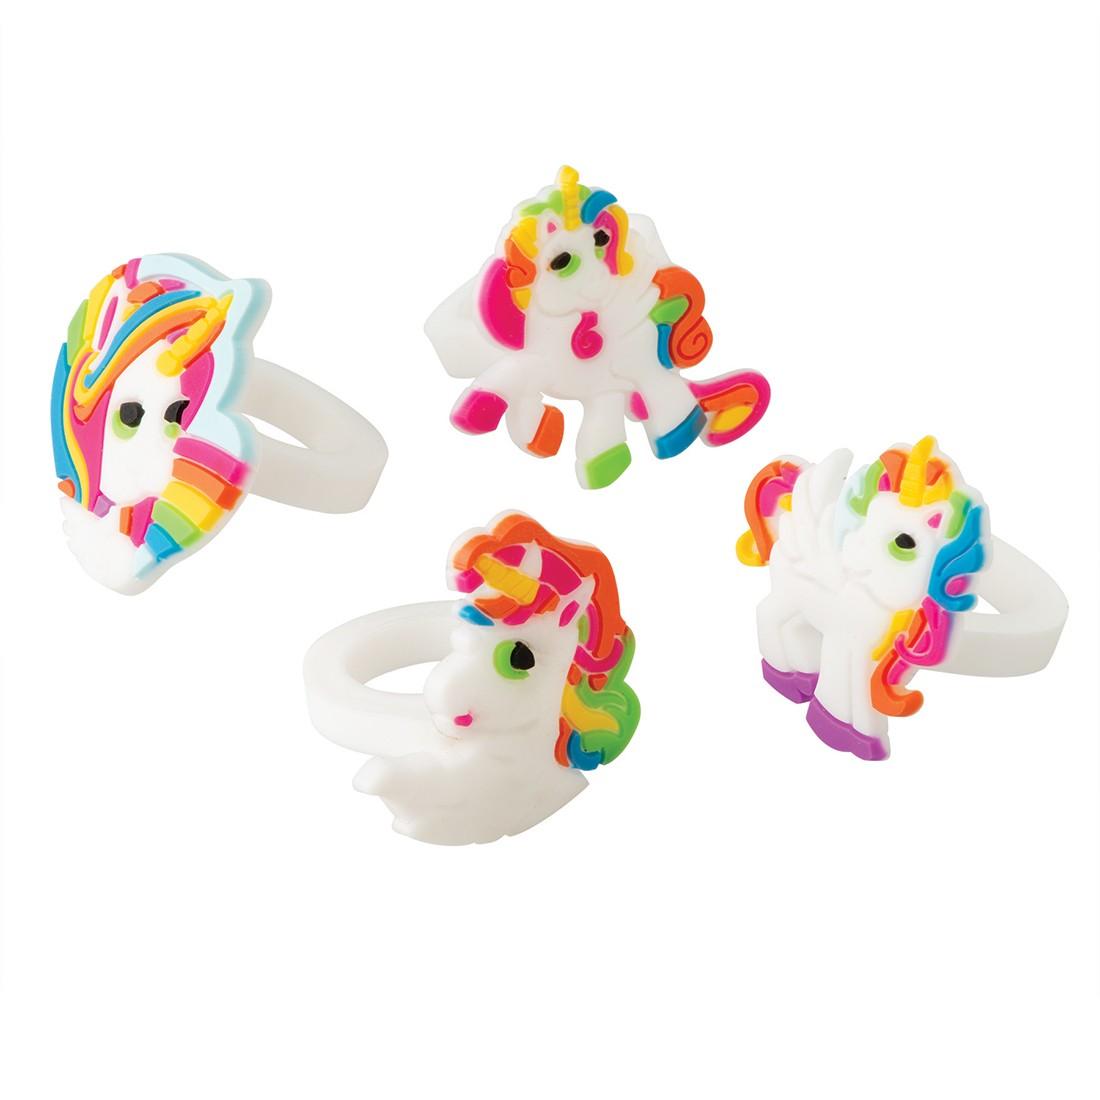 Unicorn Rings [image]